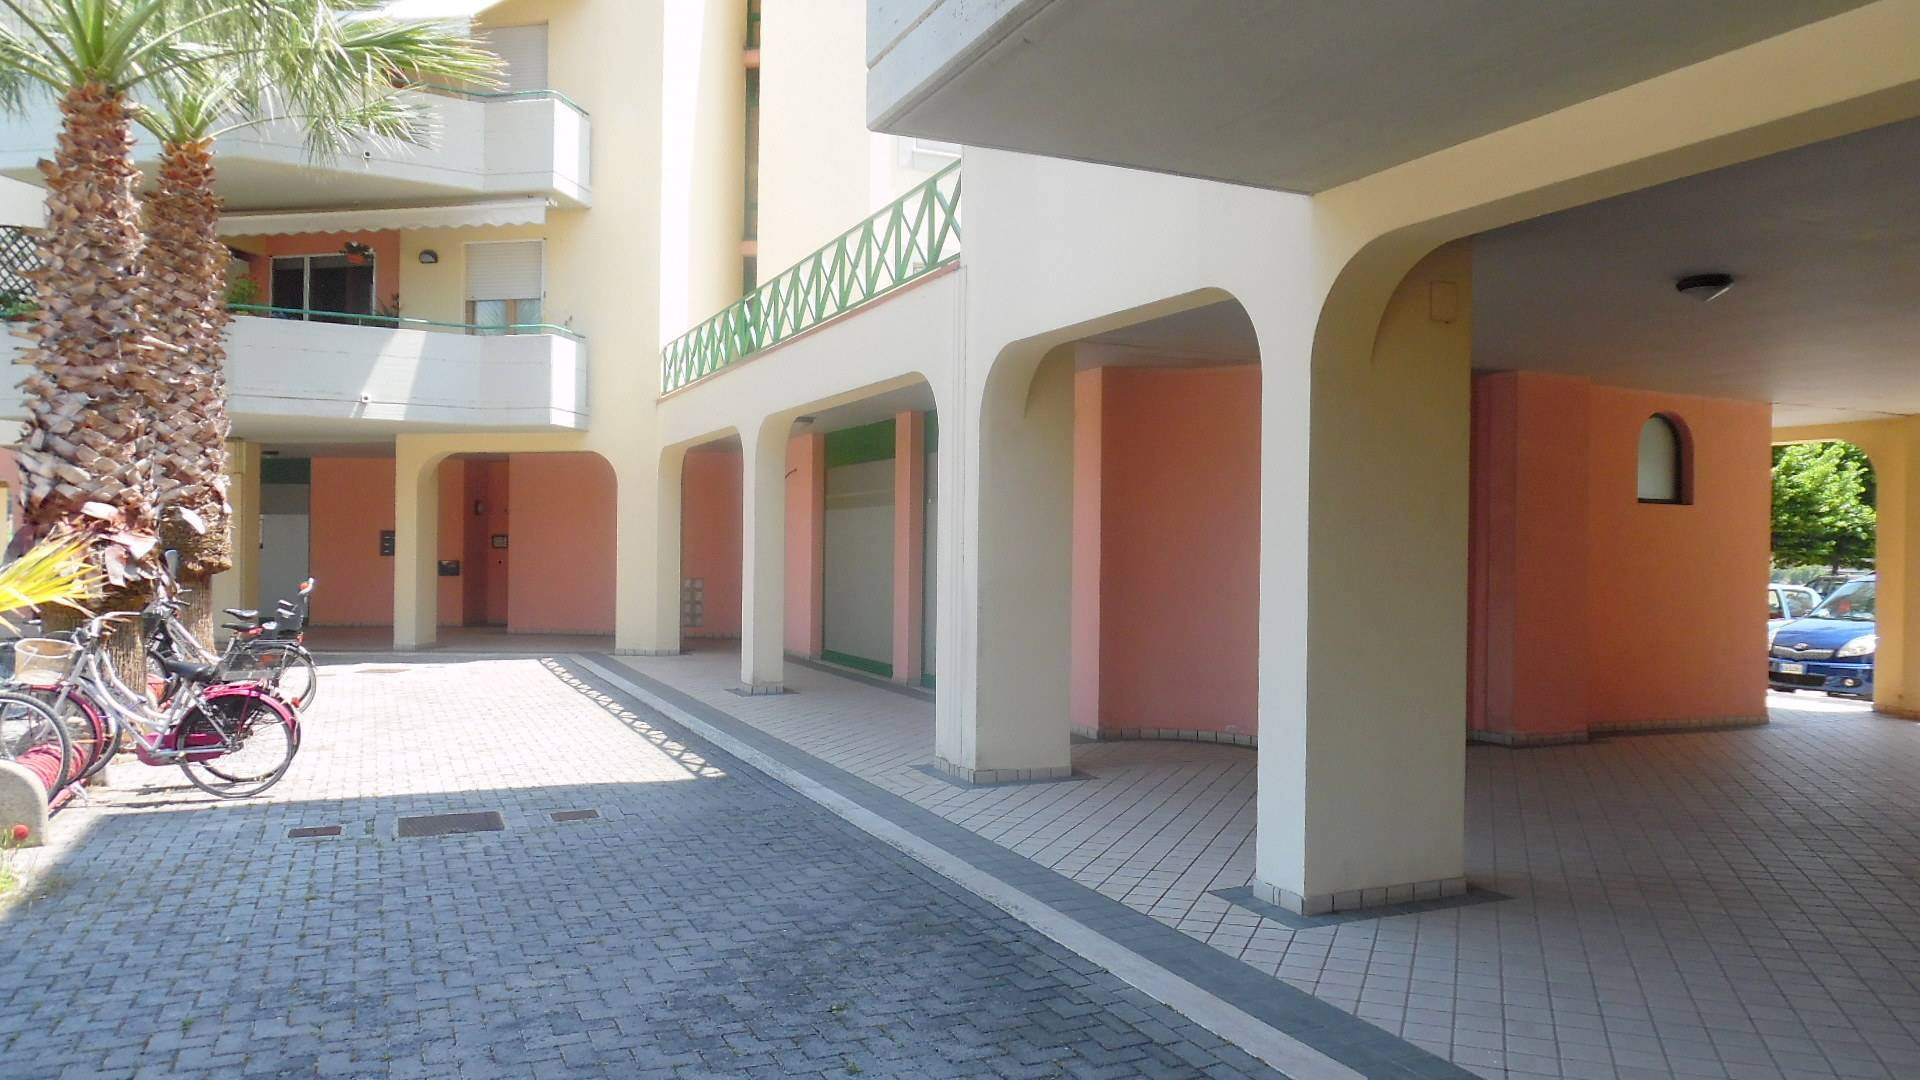 Negozio / Locale in vendita a San Benedetto del Tronto, 9999 locali, zona Località: PortodAscoli, prezzo € 250.000 | CambioCasa.it